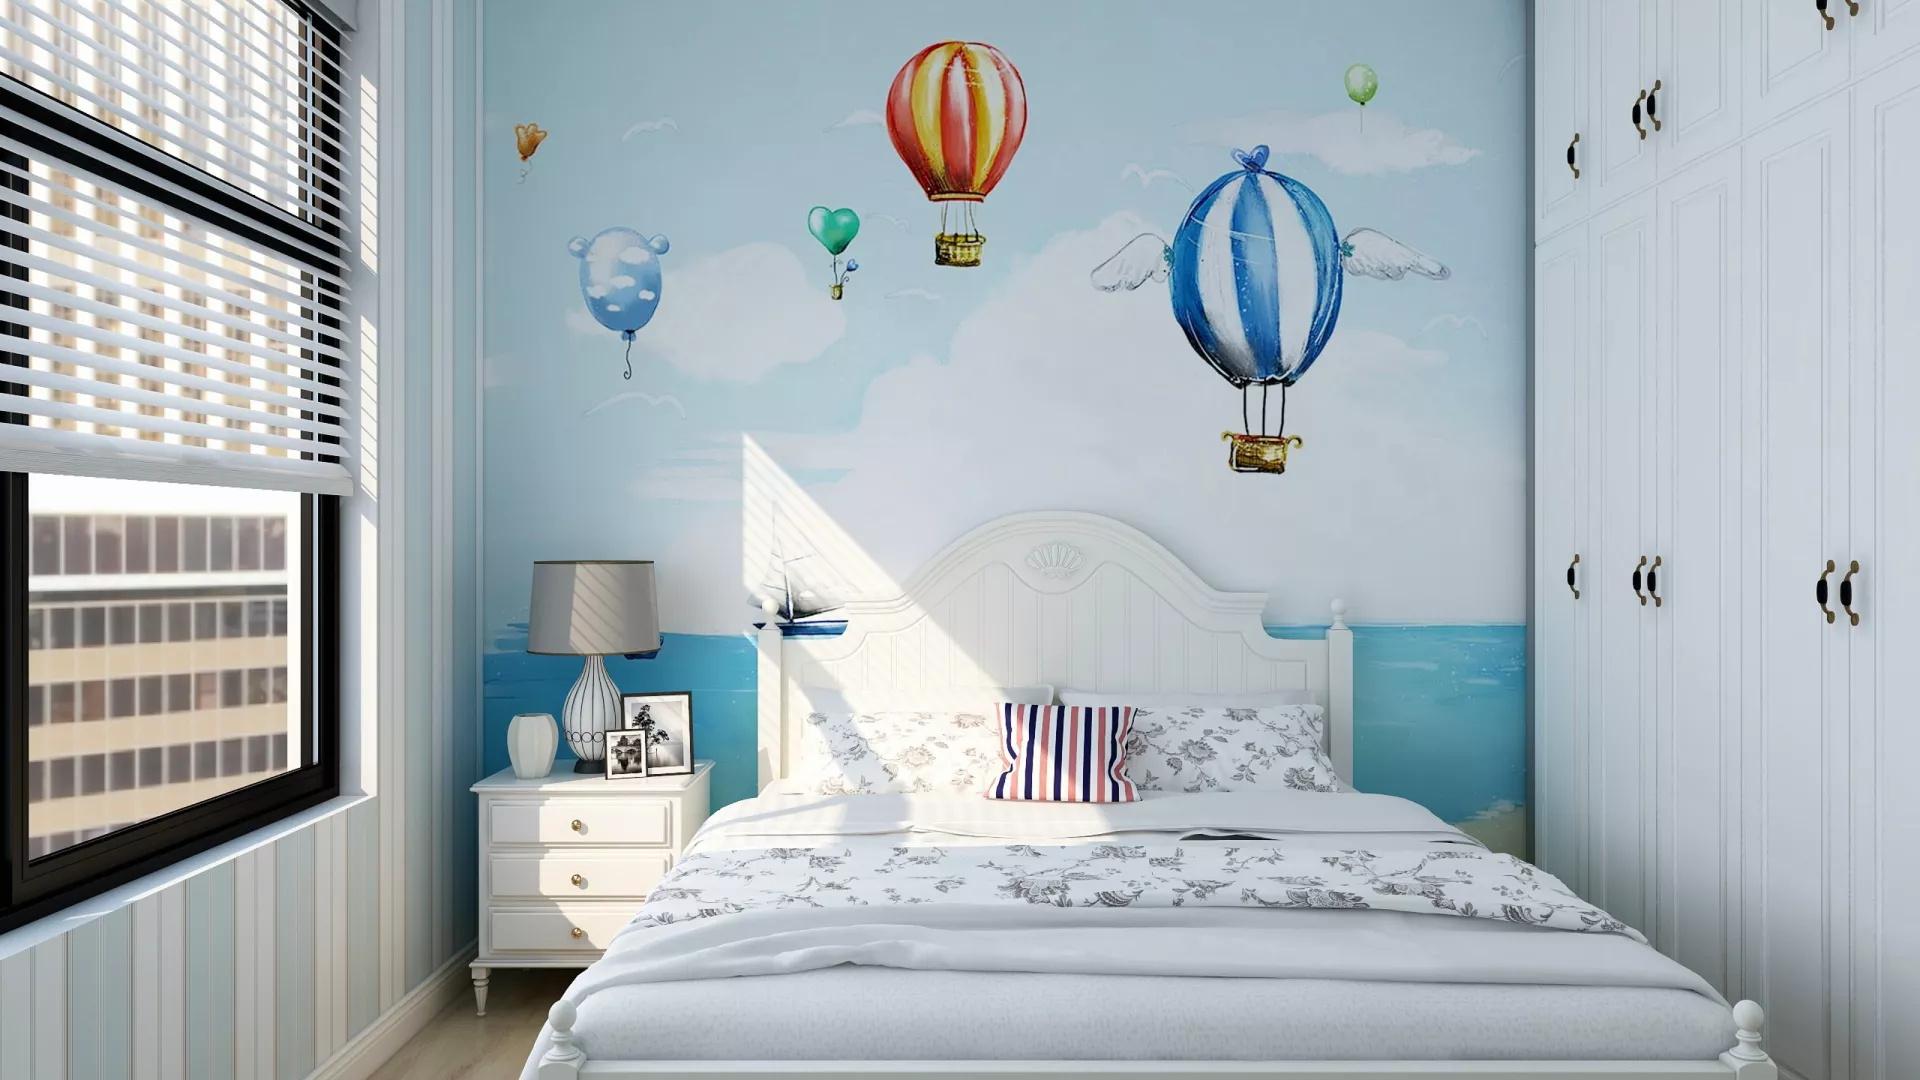 最全面详细的室内家具尺寸表 家装家具尺寸标准大全